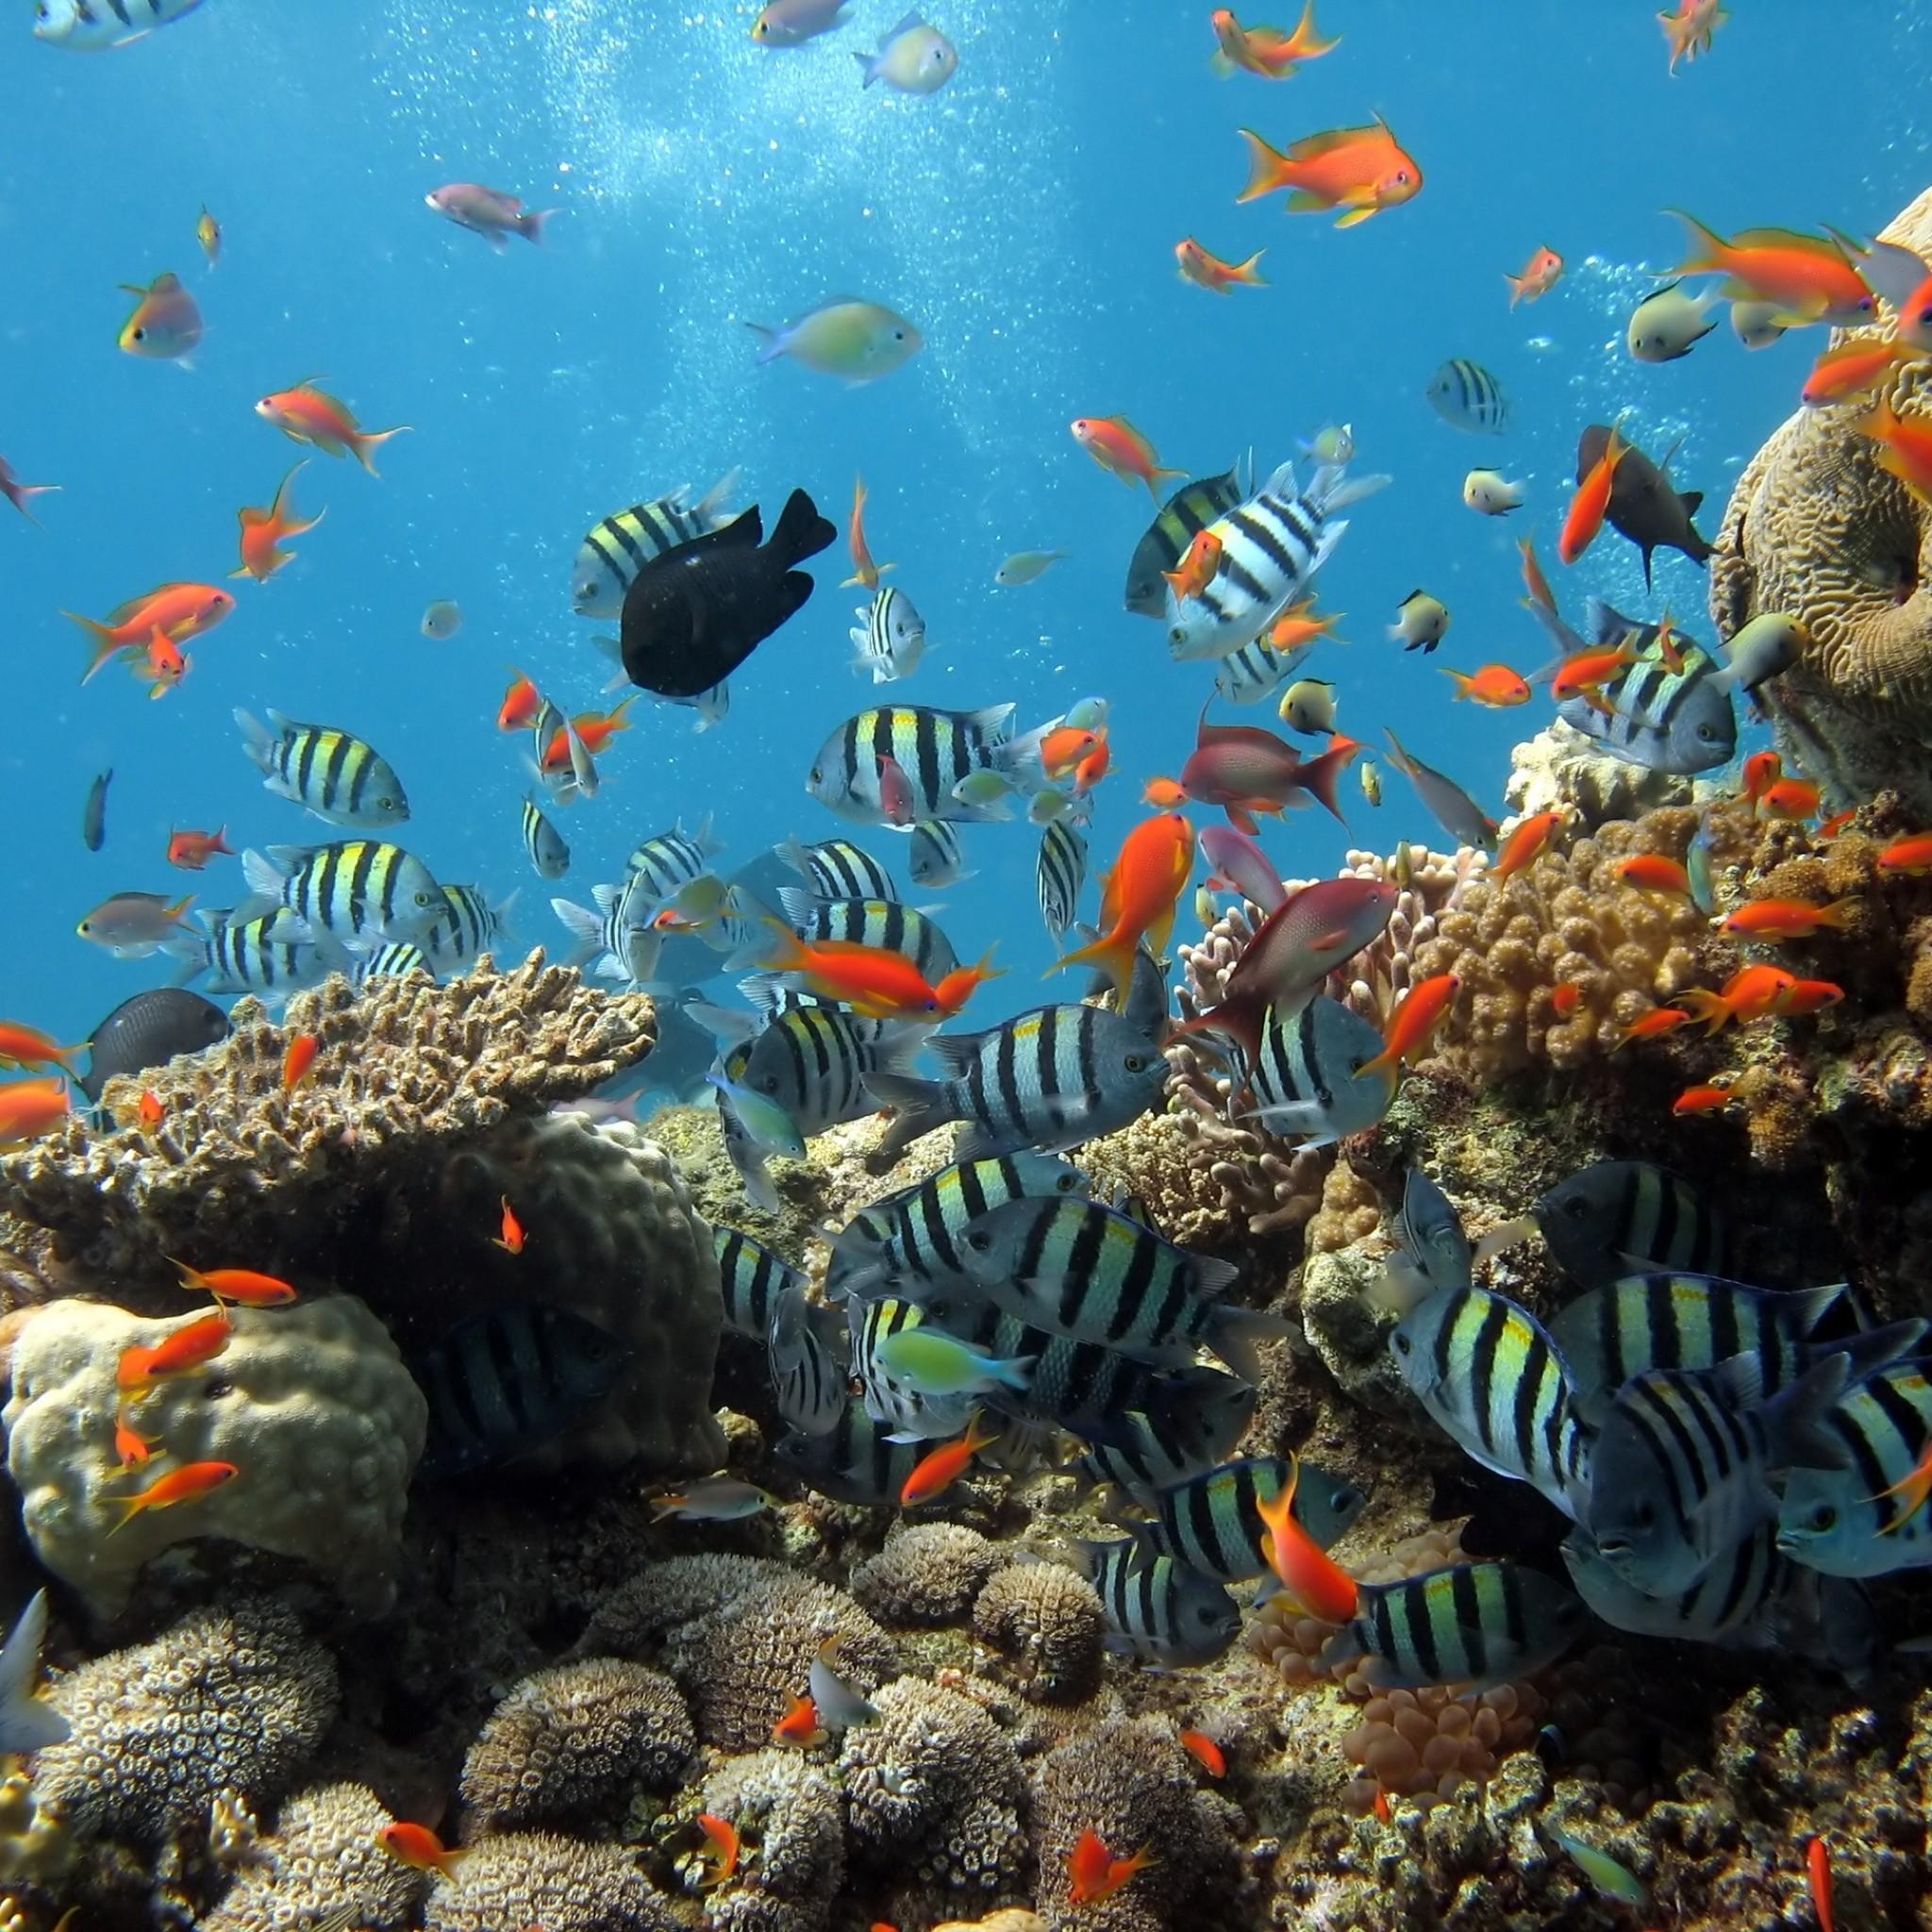 Wallpaper Underwater Ocean Fish Data Src Underwater Ocean Wallpaper Iphone 2048x2048 Wallpaper Teahub Io